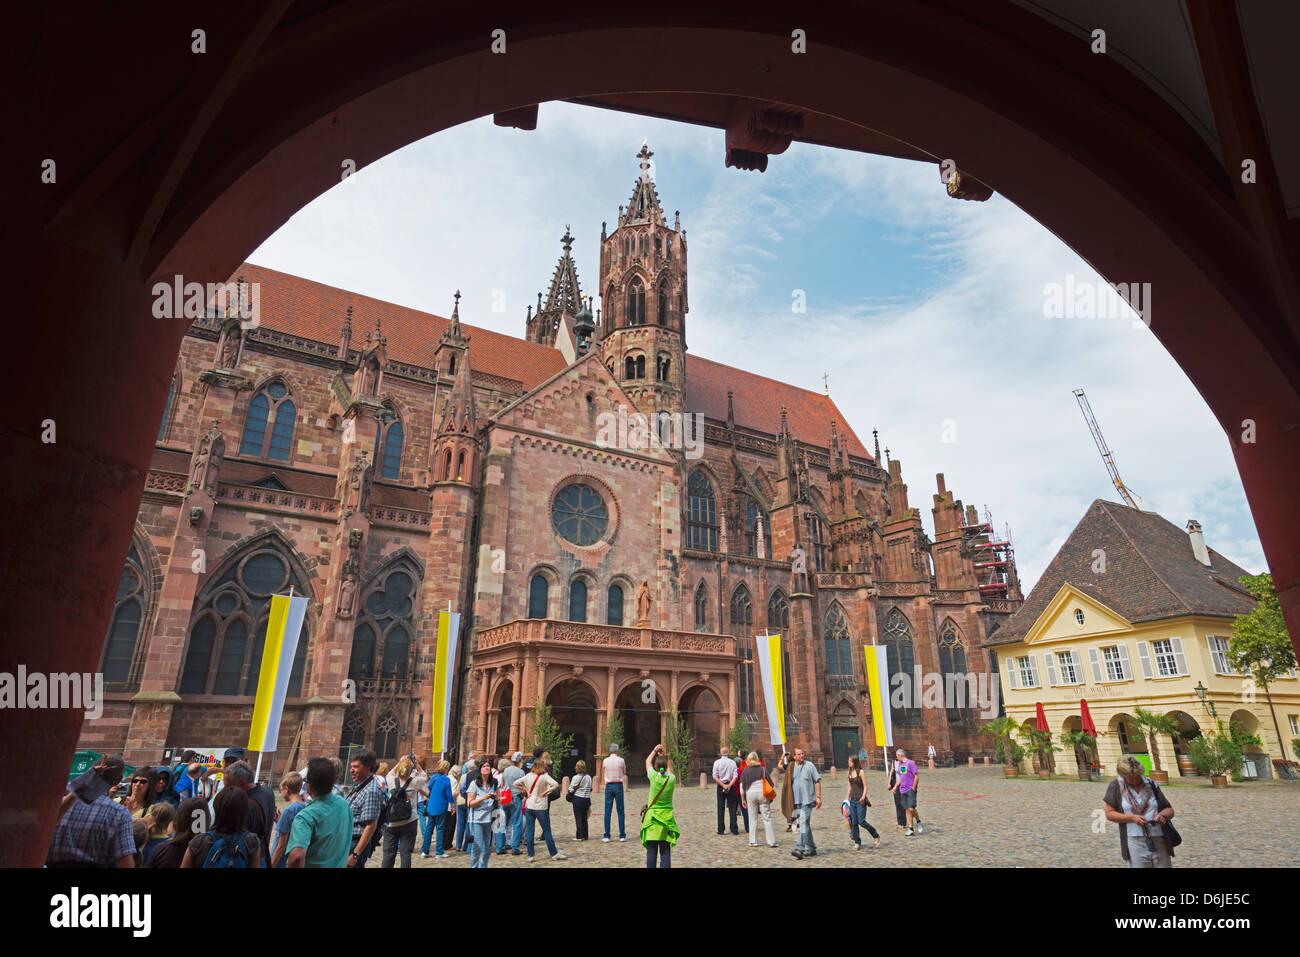 Freiburg Cathedral, Freiburg, Baden-Wurttemberg, Germany, Europe - Stock Image